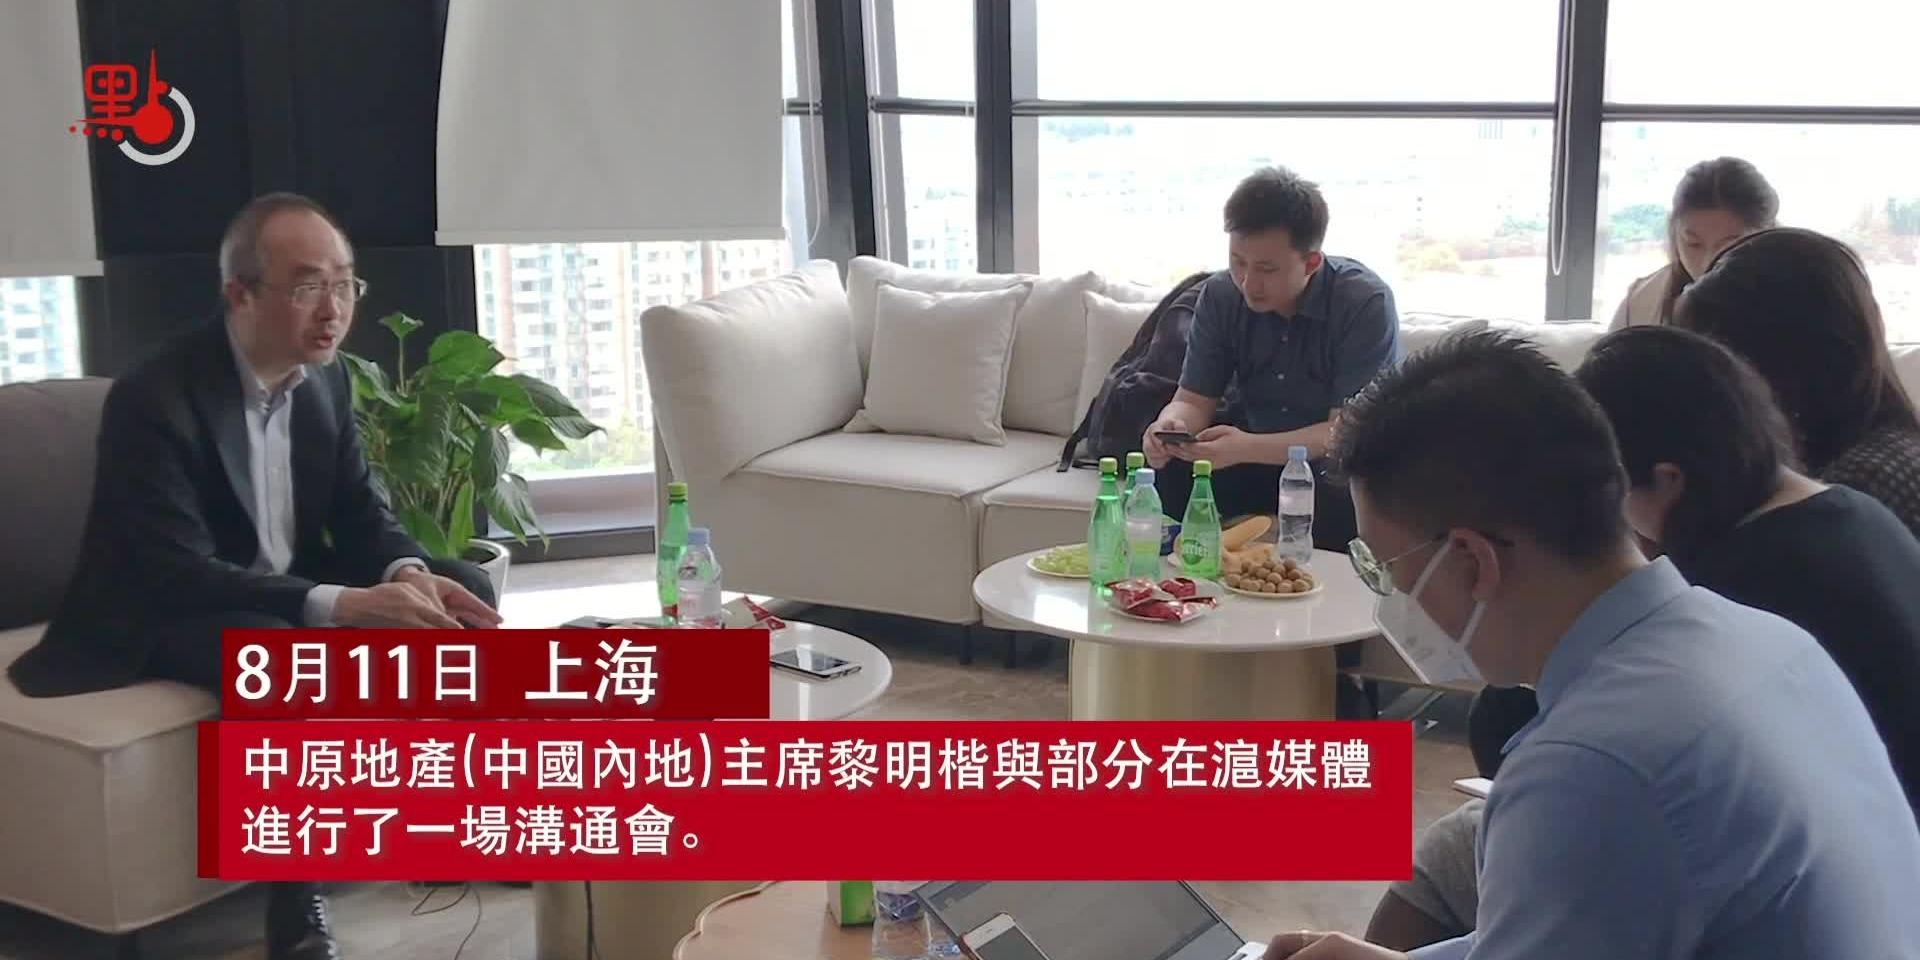 中原地產推「香港房友圈」 港人大灣區置業有錦囊